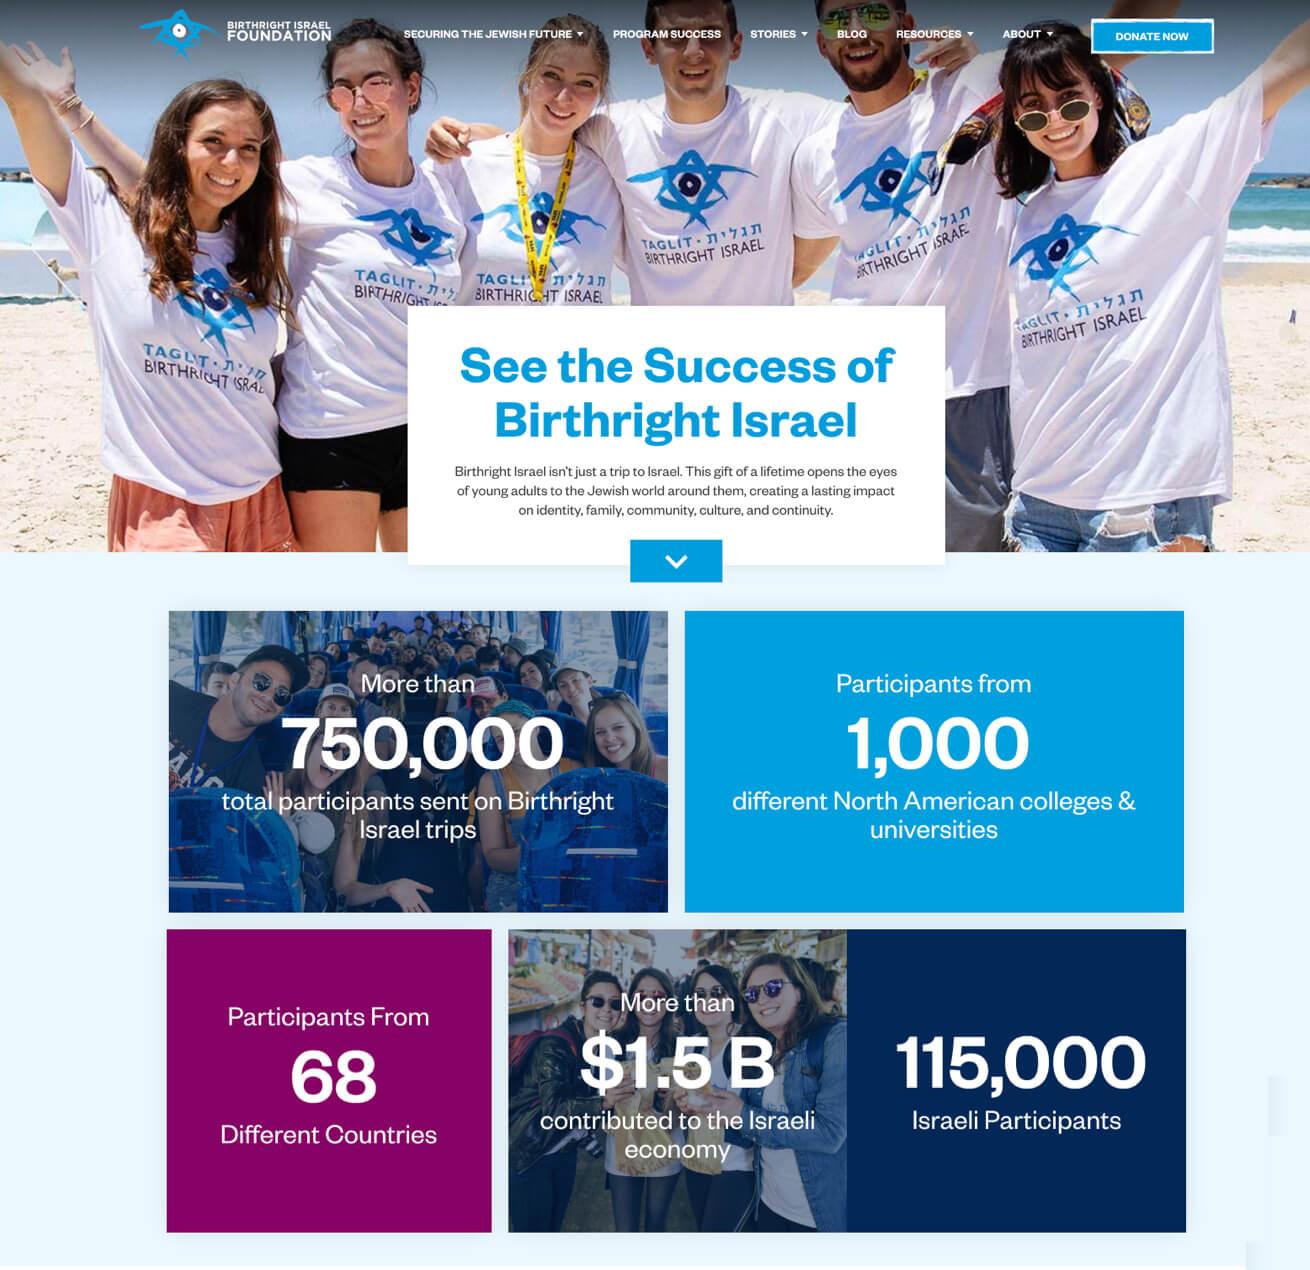 Birthright Israel Foundation Website